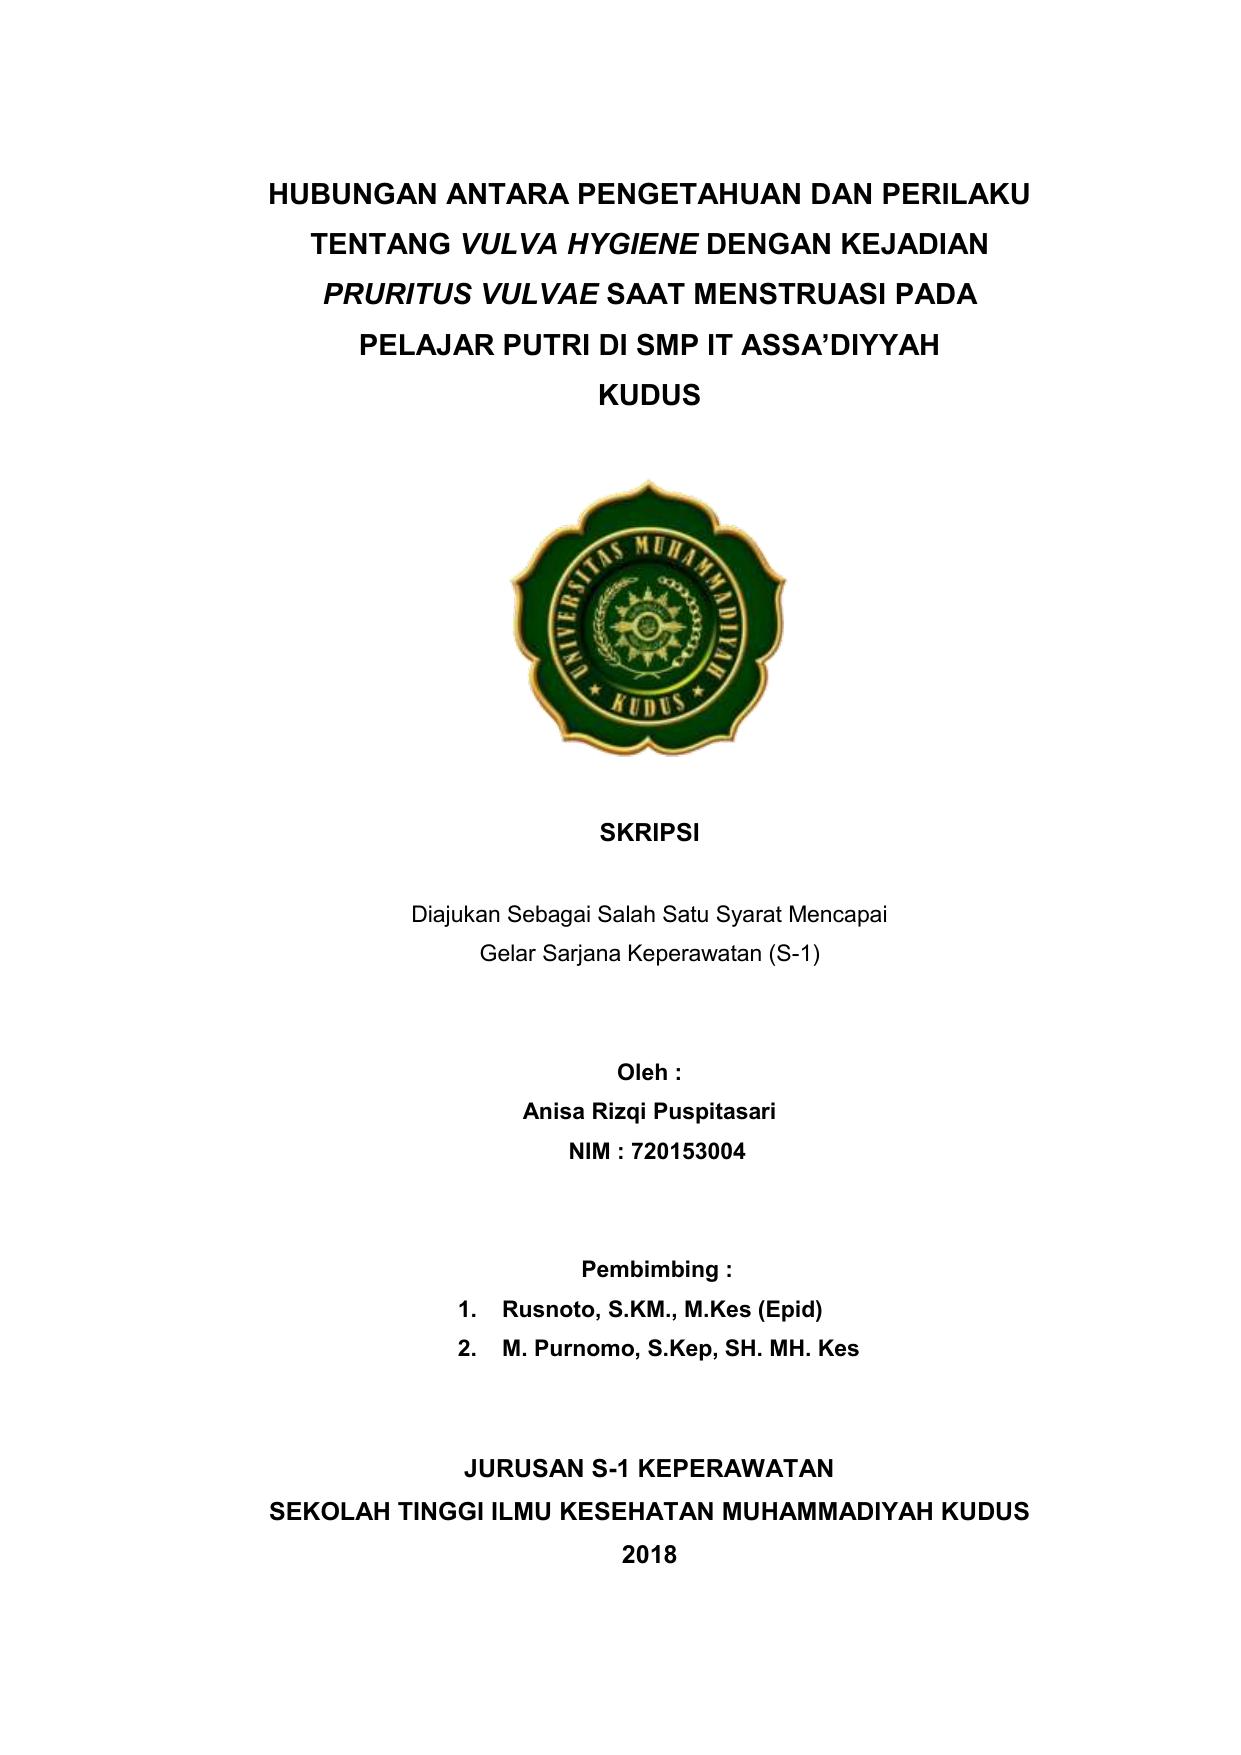 Revisi Bab 1 Hubungan Antara Pengetahuan Dan Perilaku Tentang Vulva Hygiene Dengan Kejadian Pruritus Vulvae Saat Menstruasi 1